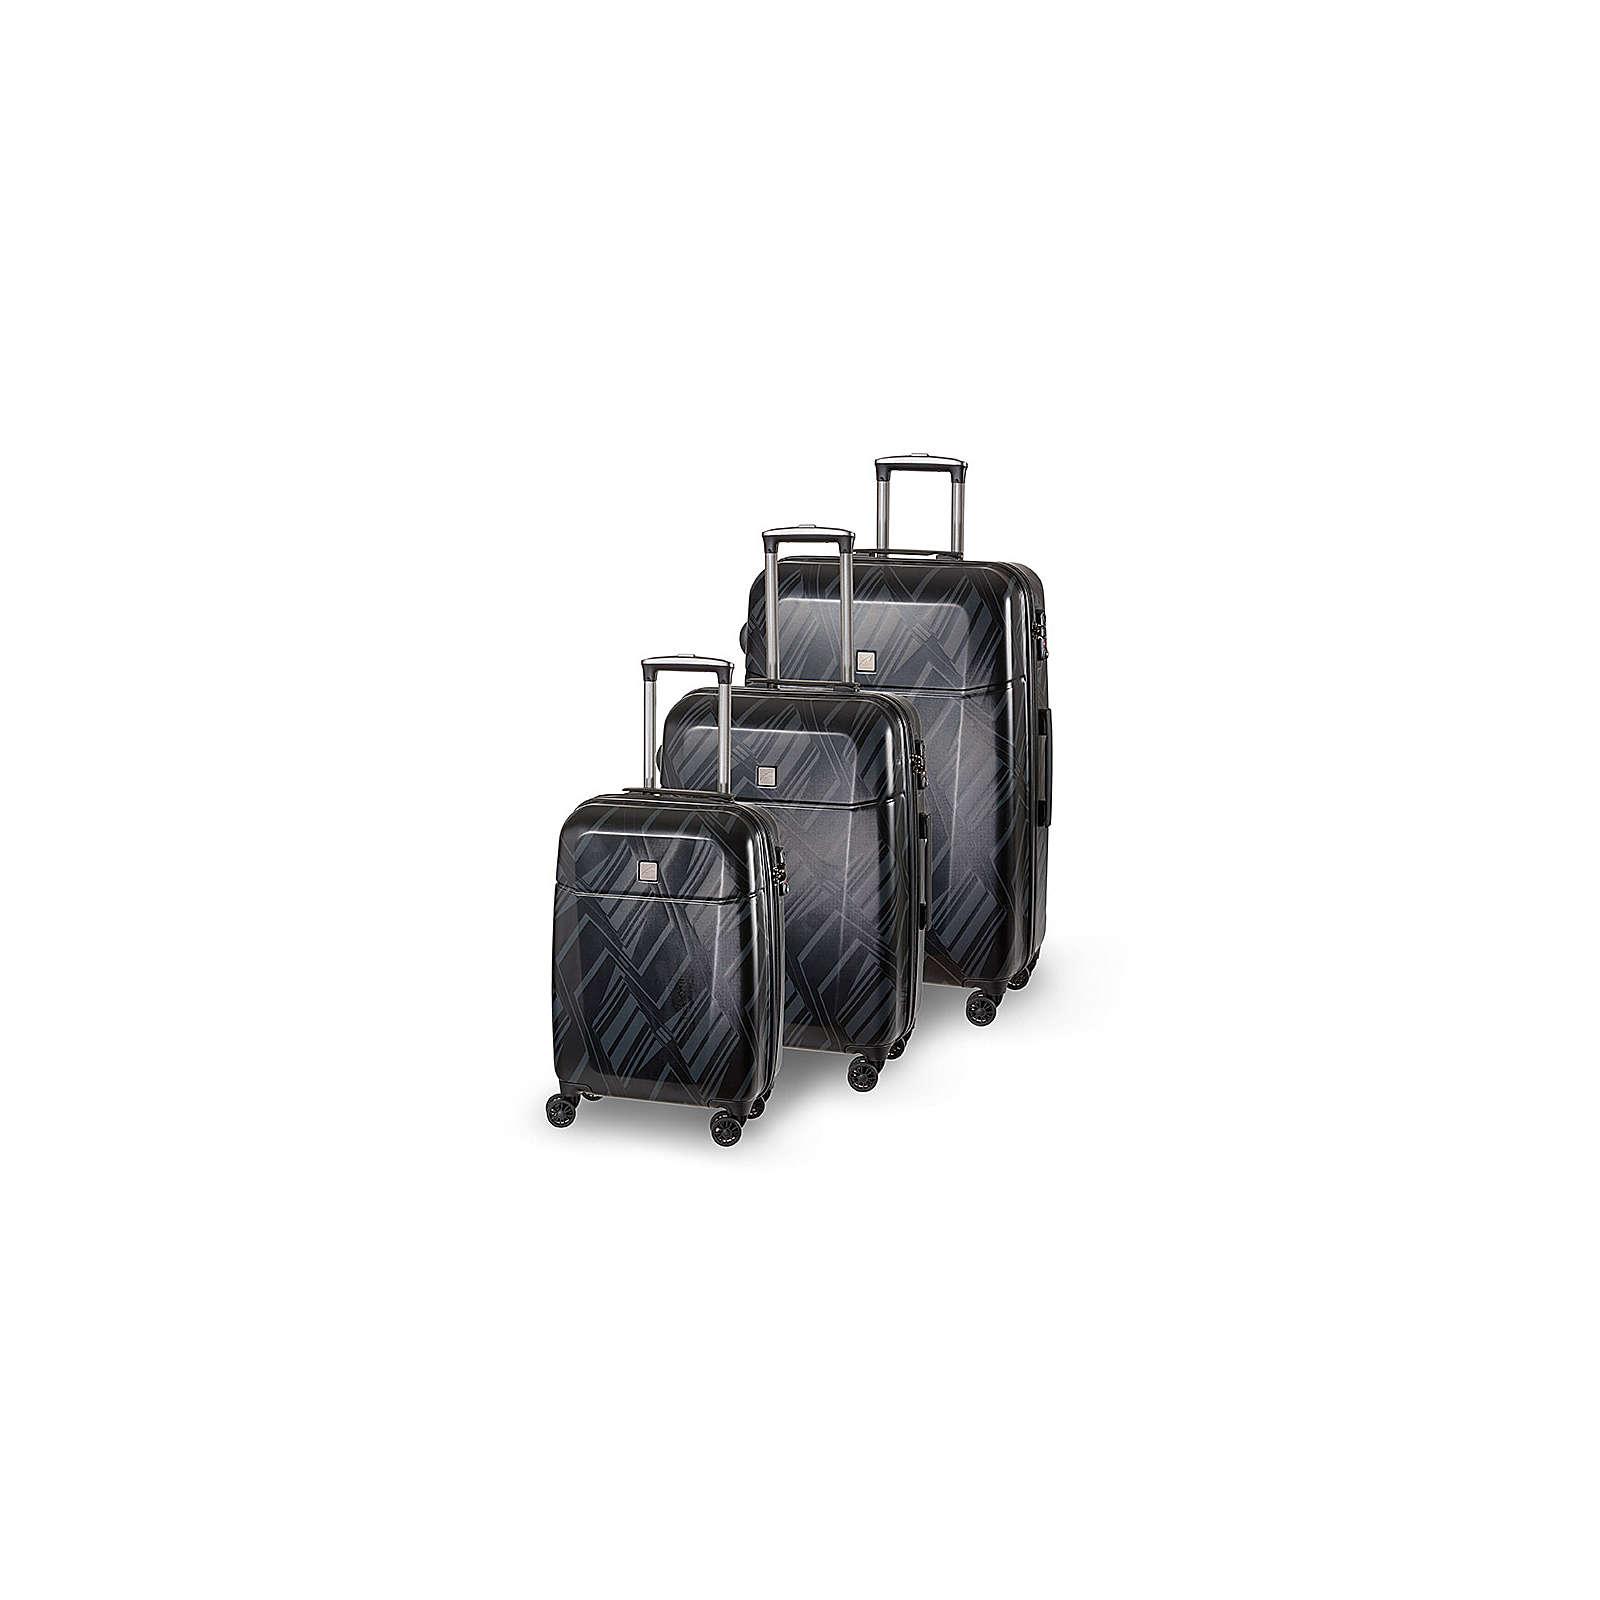 SCHNEIDERS Koffer Set Florenz Koffer schwarz